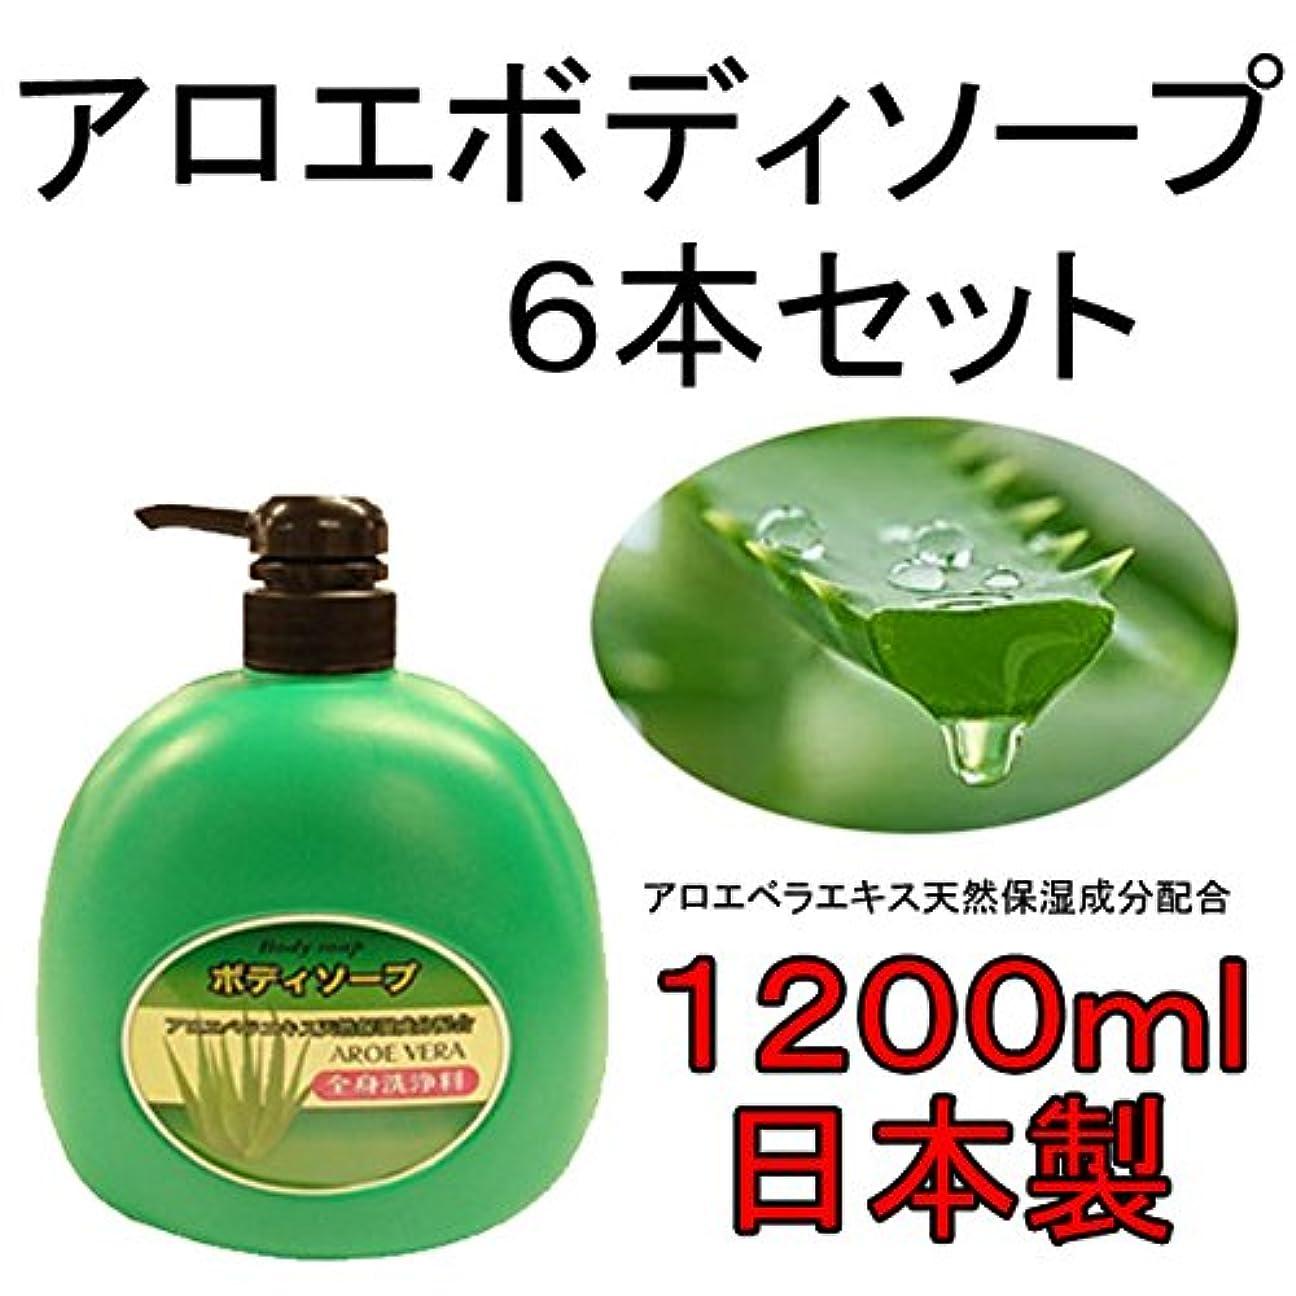 ホストアソシエイト二次高級アロエボディソープ6本セット アロエエキスたっぷりでお肌つるつる 国産?日本製で安心/約1年分1本1200mlの大容量でお得 液体ソープ ボディソープ ボディシャンプー 風呂用 石鹸 せっけん 全身用ソープ body...